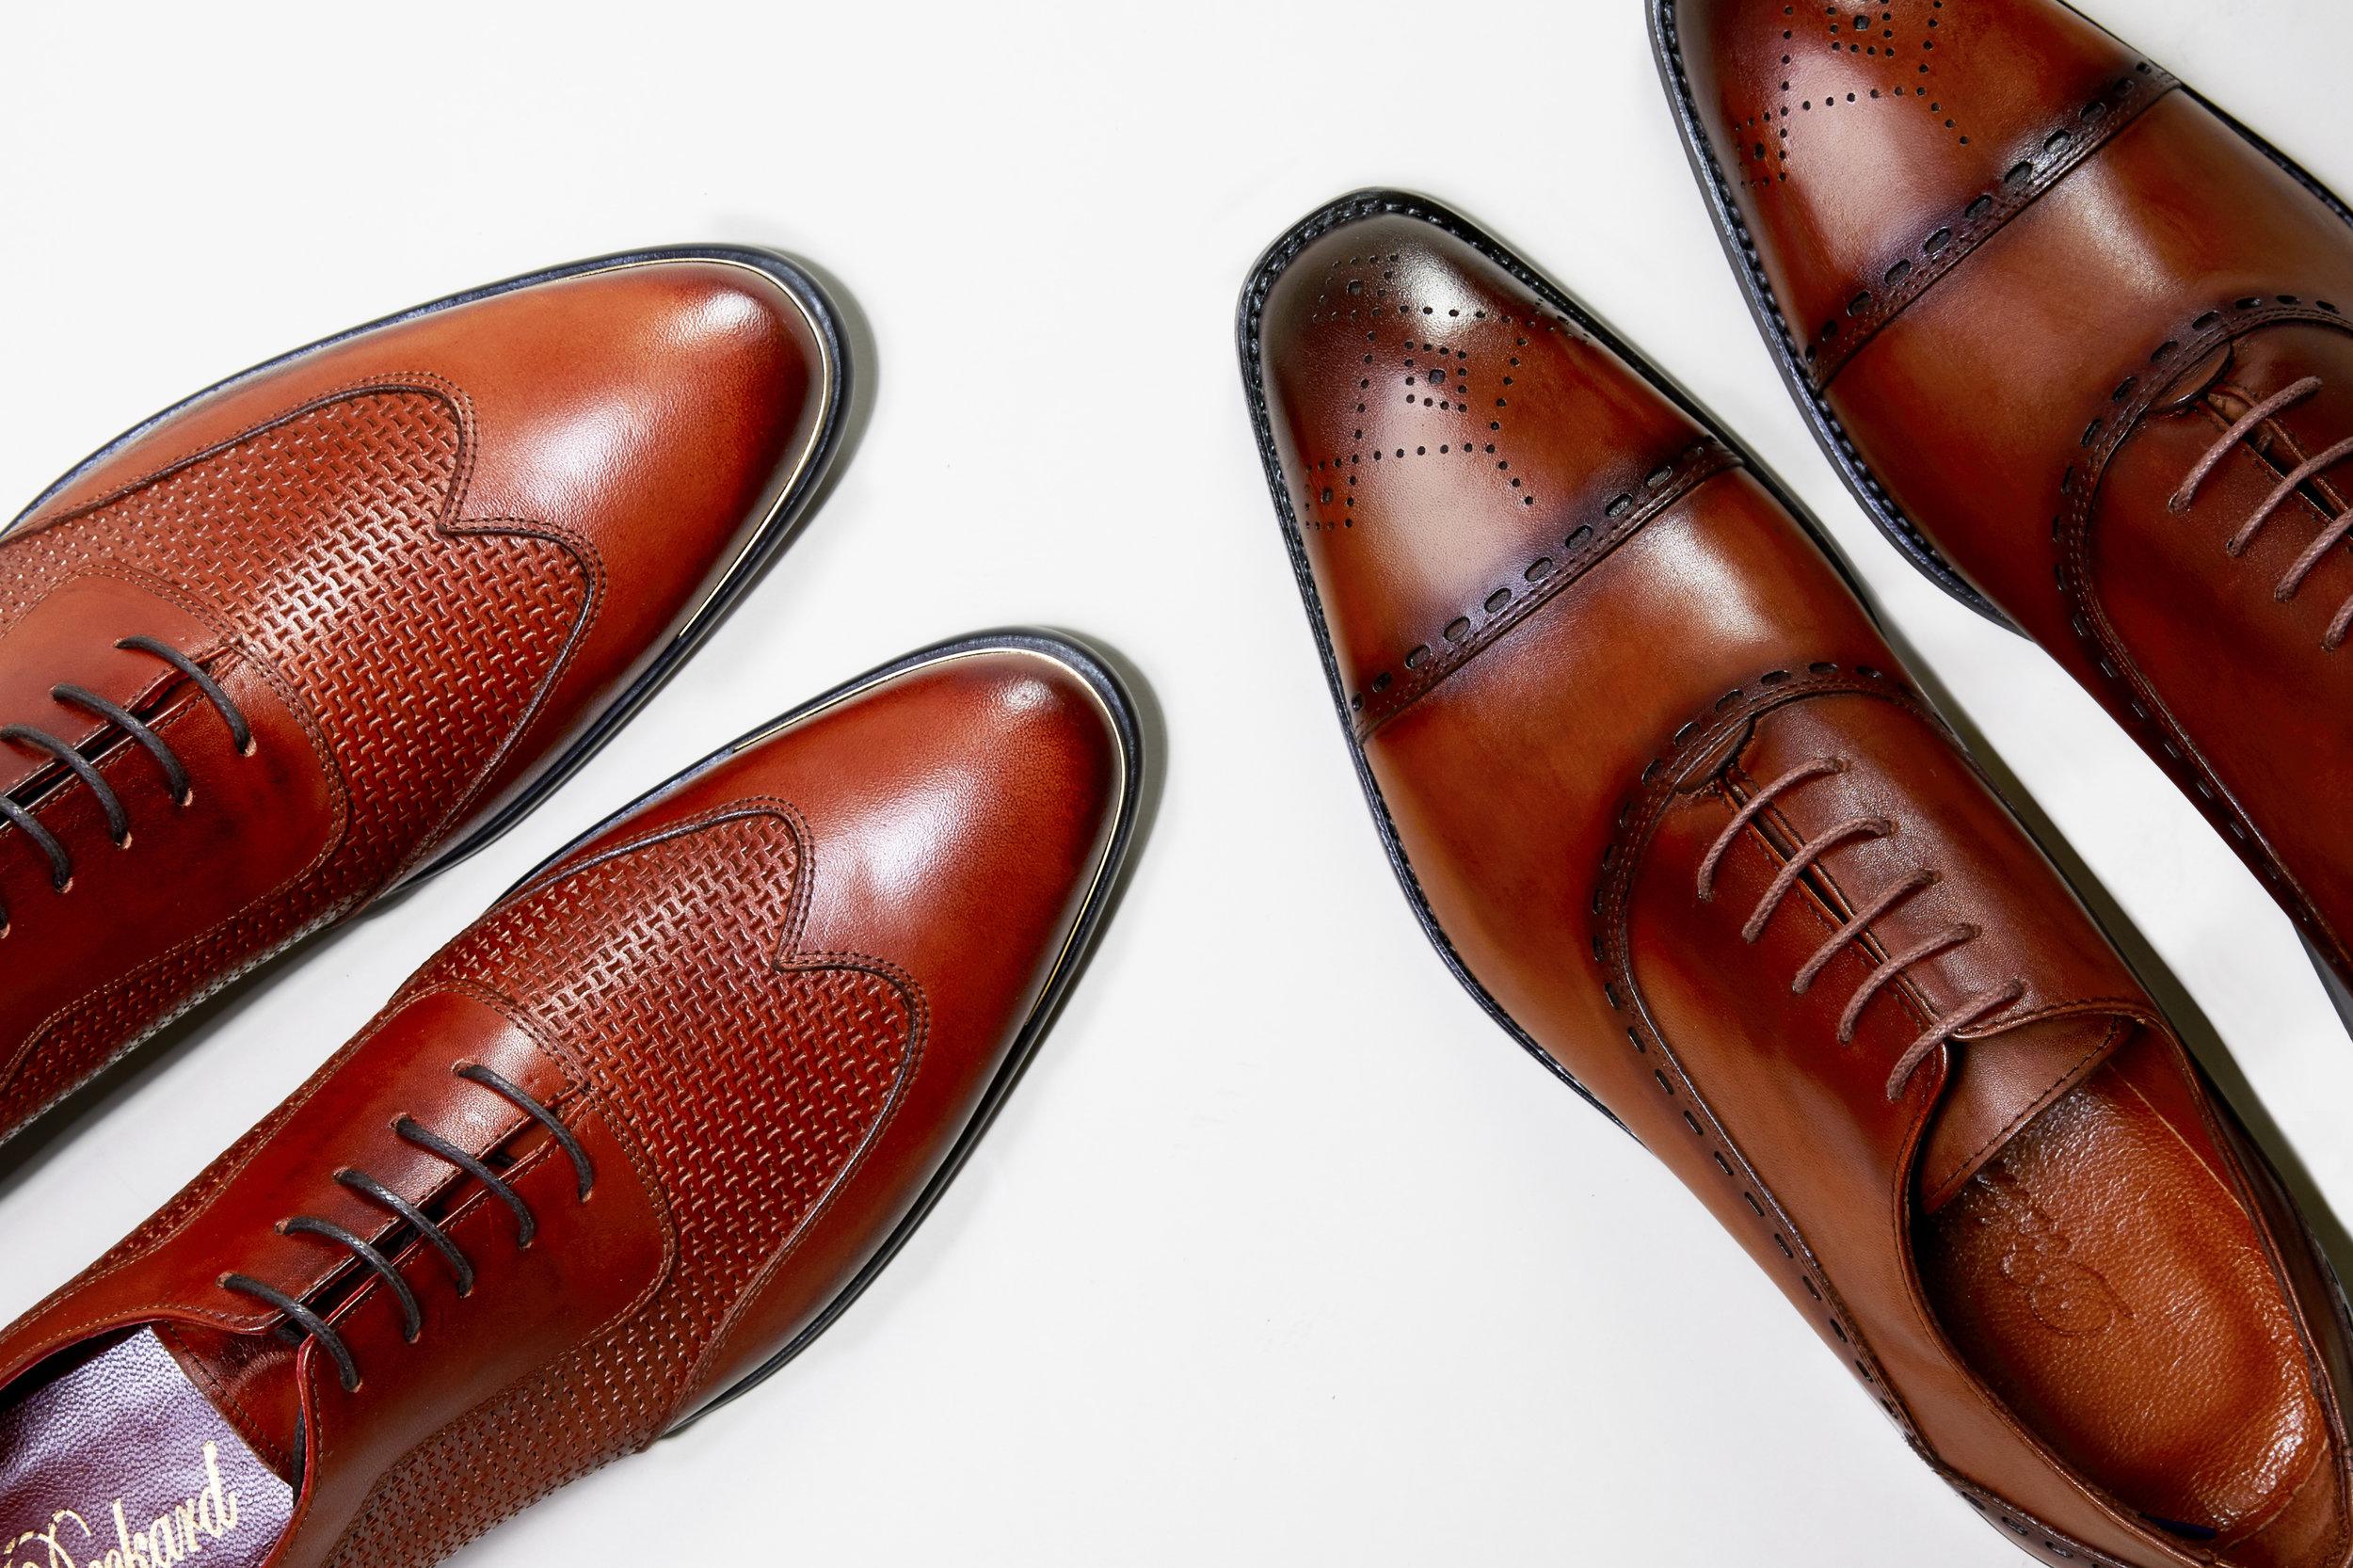 Deckard+Shoes0111.jpg